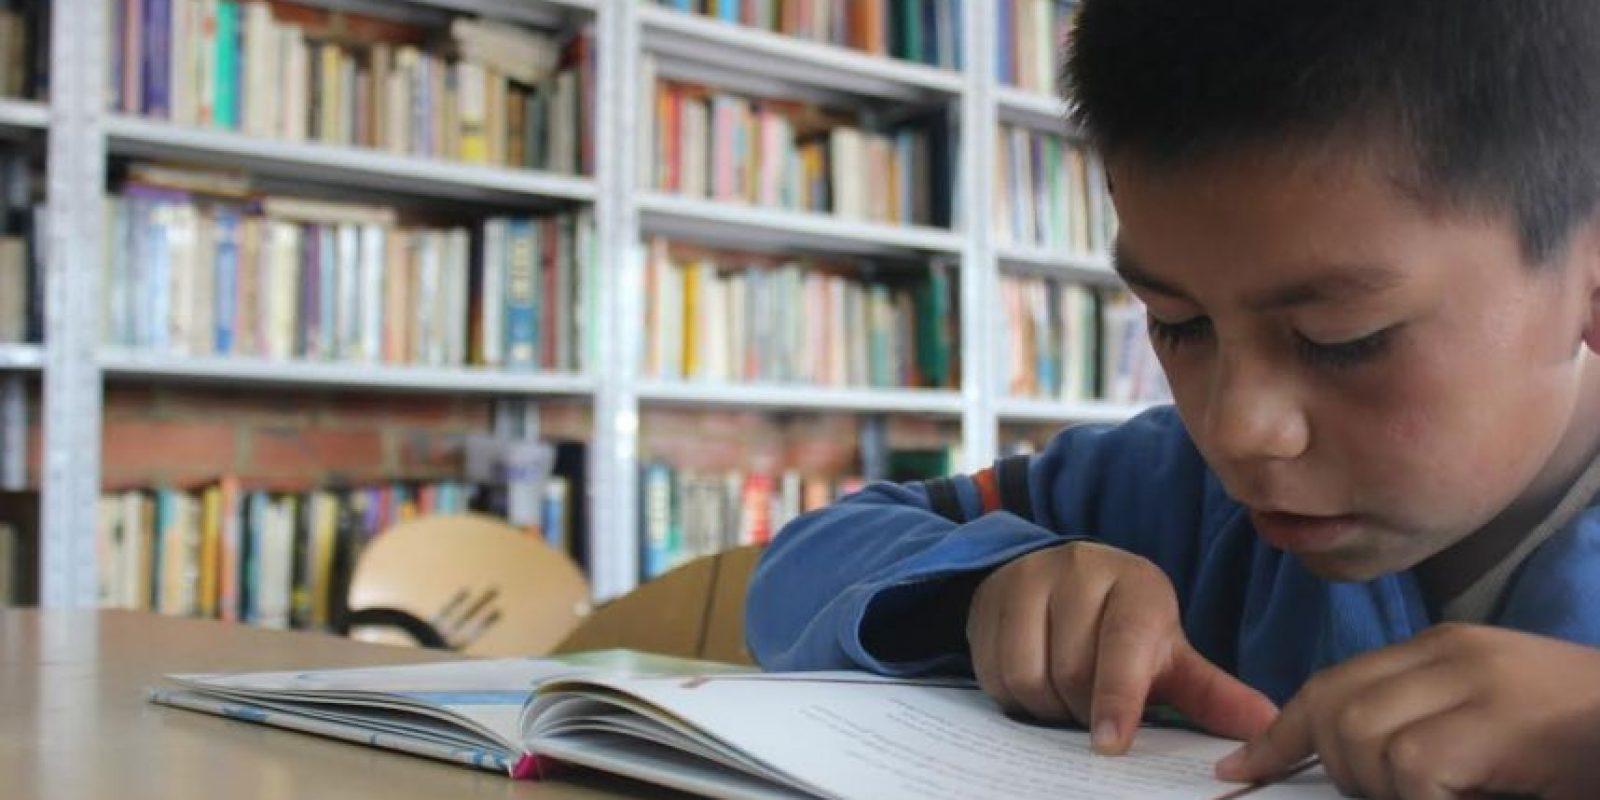 Con la remodelación de la biblioteca se creó la ludoteca y la bebeteca. Foto:Cortesía Secretaría de Cultura, Recreación y Deporte.